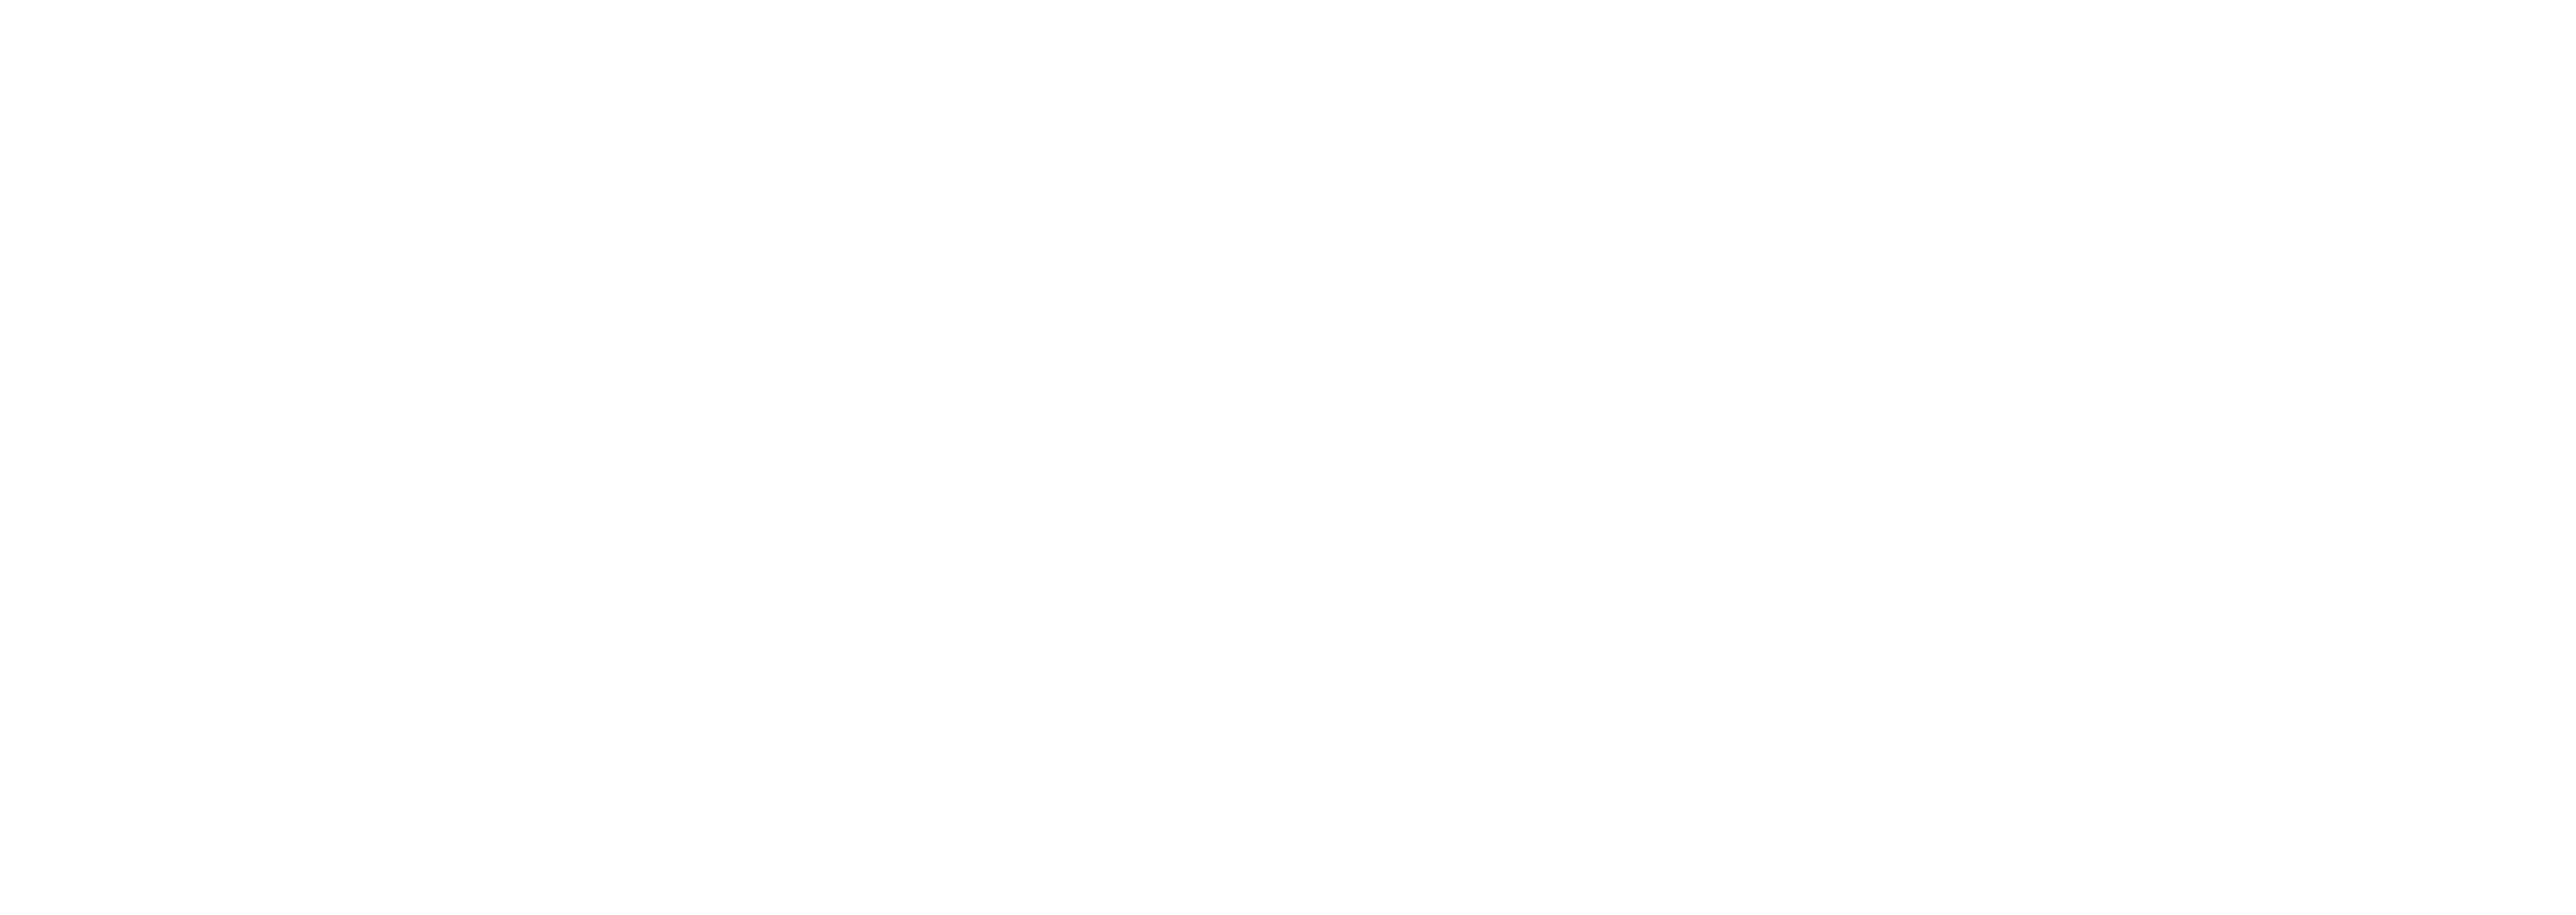 Dunany Foods